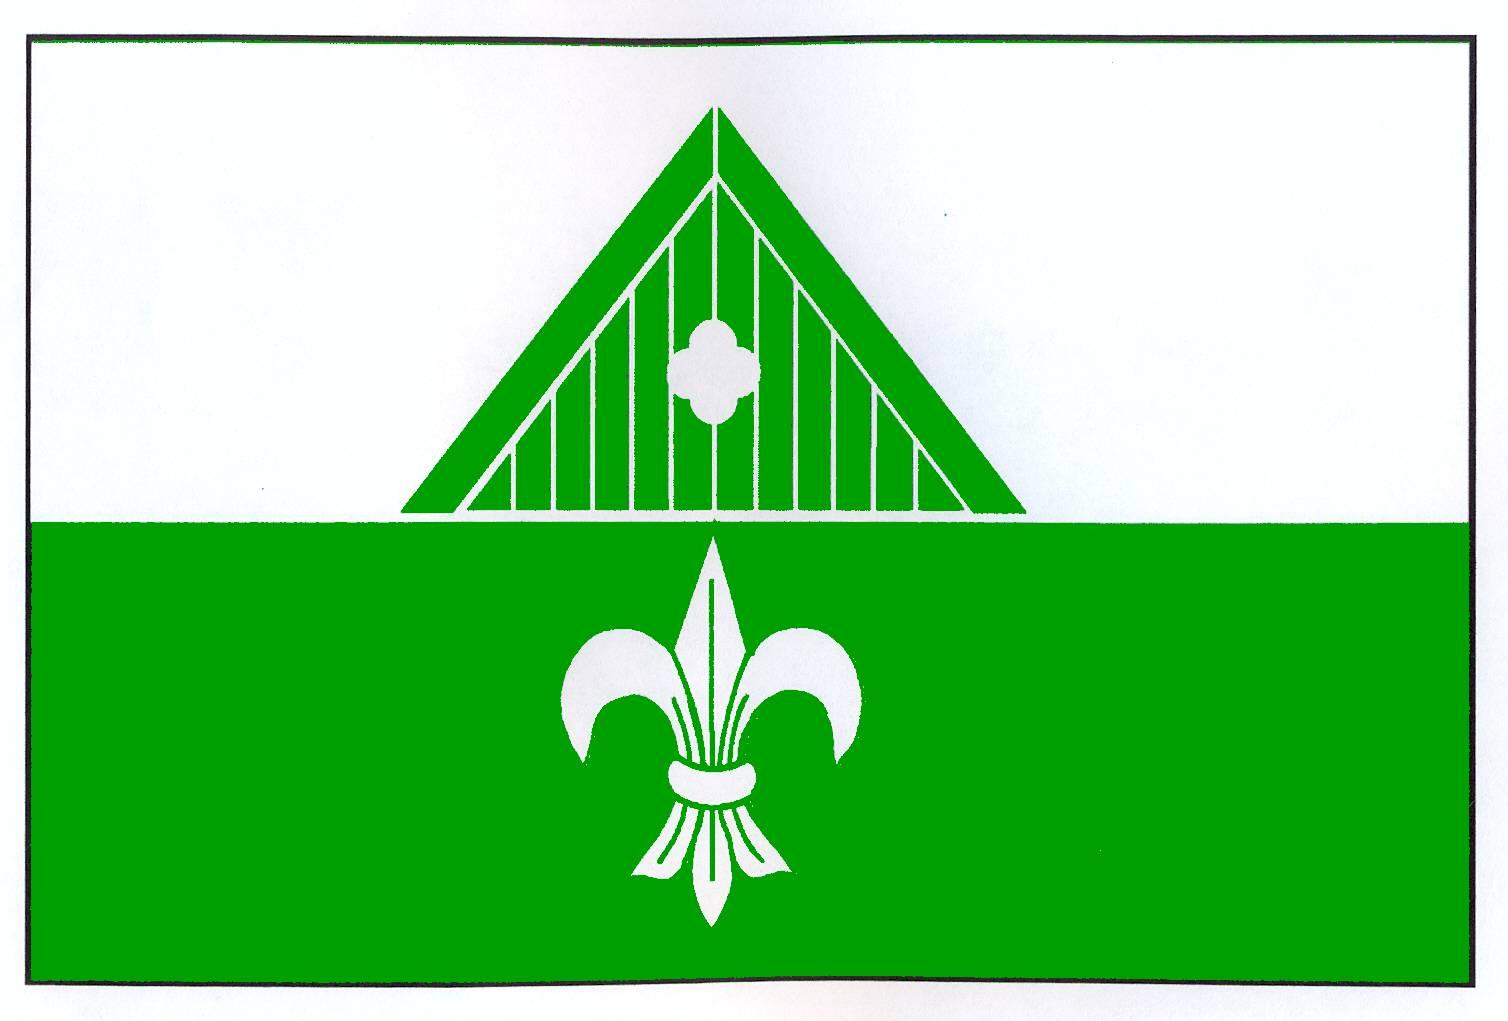 Flagge GemeindeRendswühren, Kreis Plön